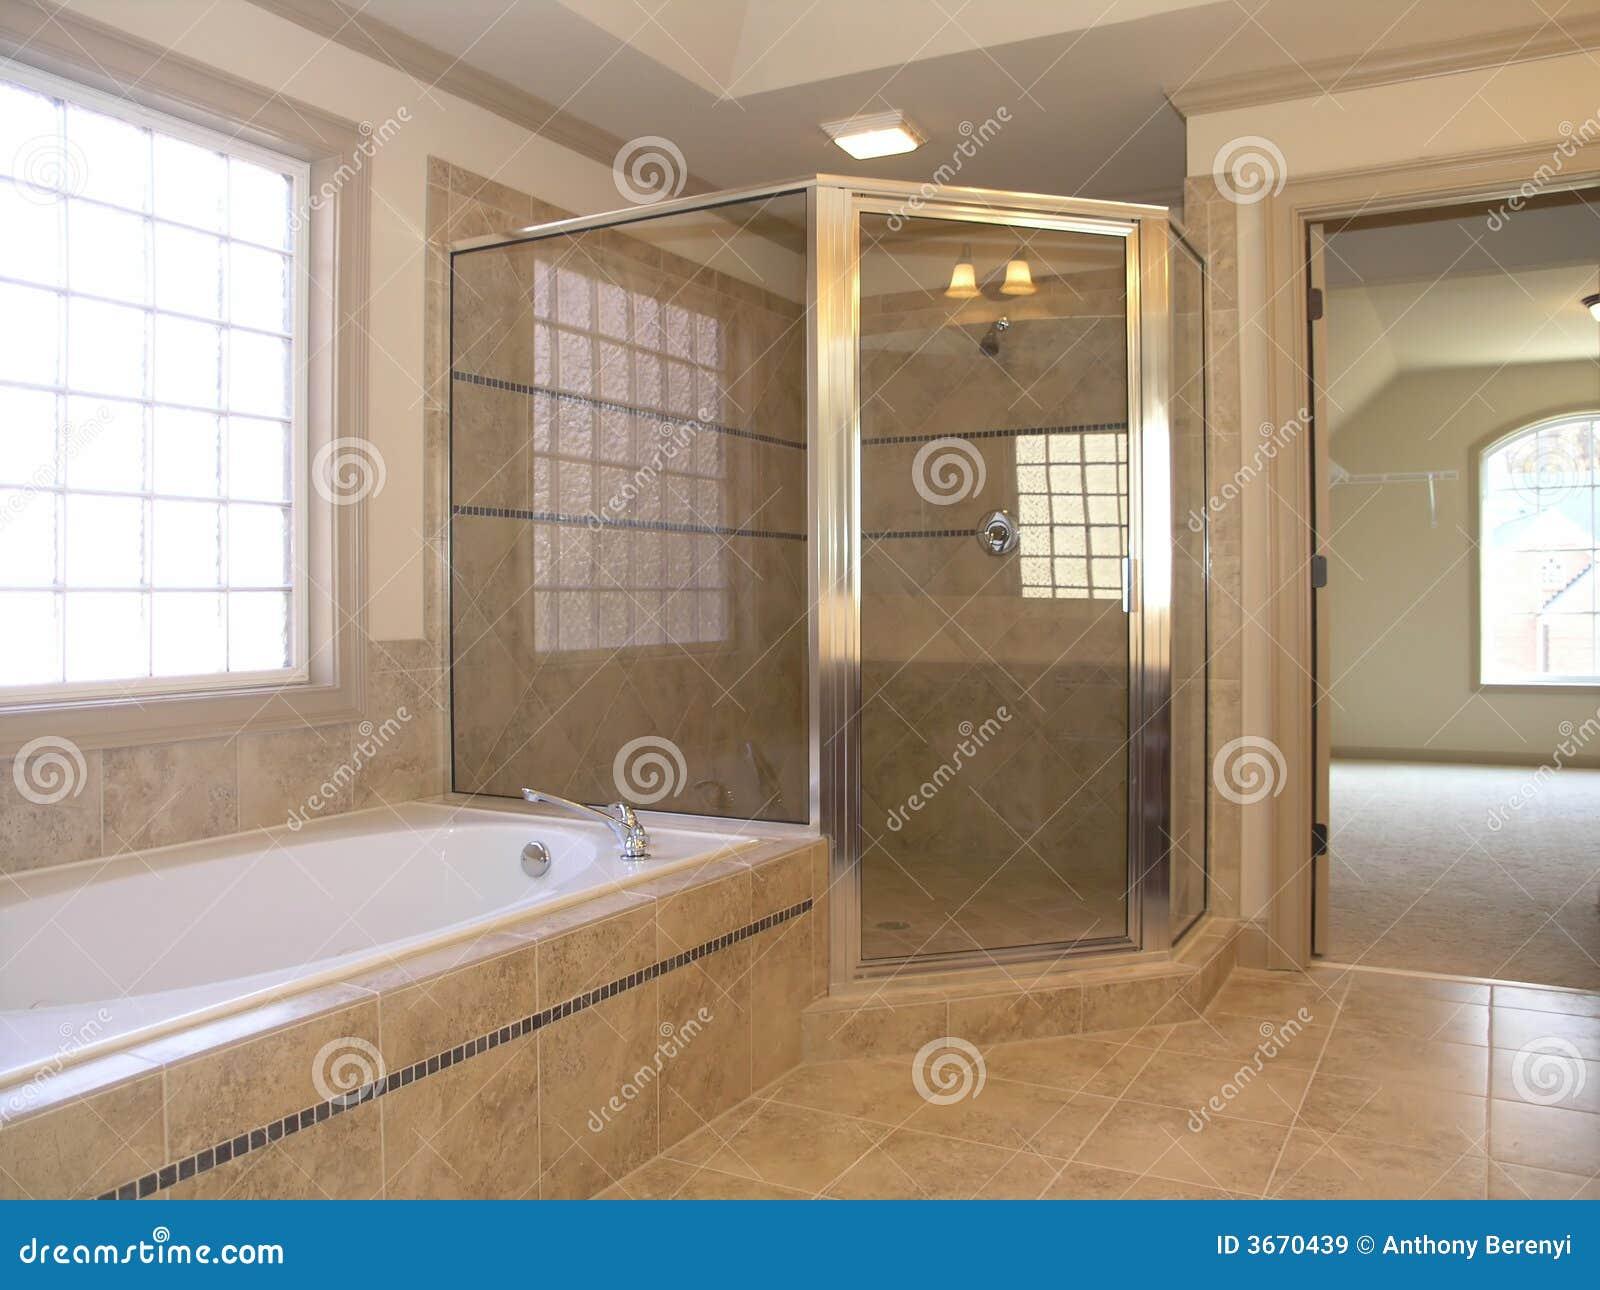 Salle De Bain Avec Jacuzzi Et Douche Of Chuveiro Luxuoso Da Cuba Do Banheiro Imagens De Stock